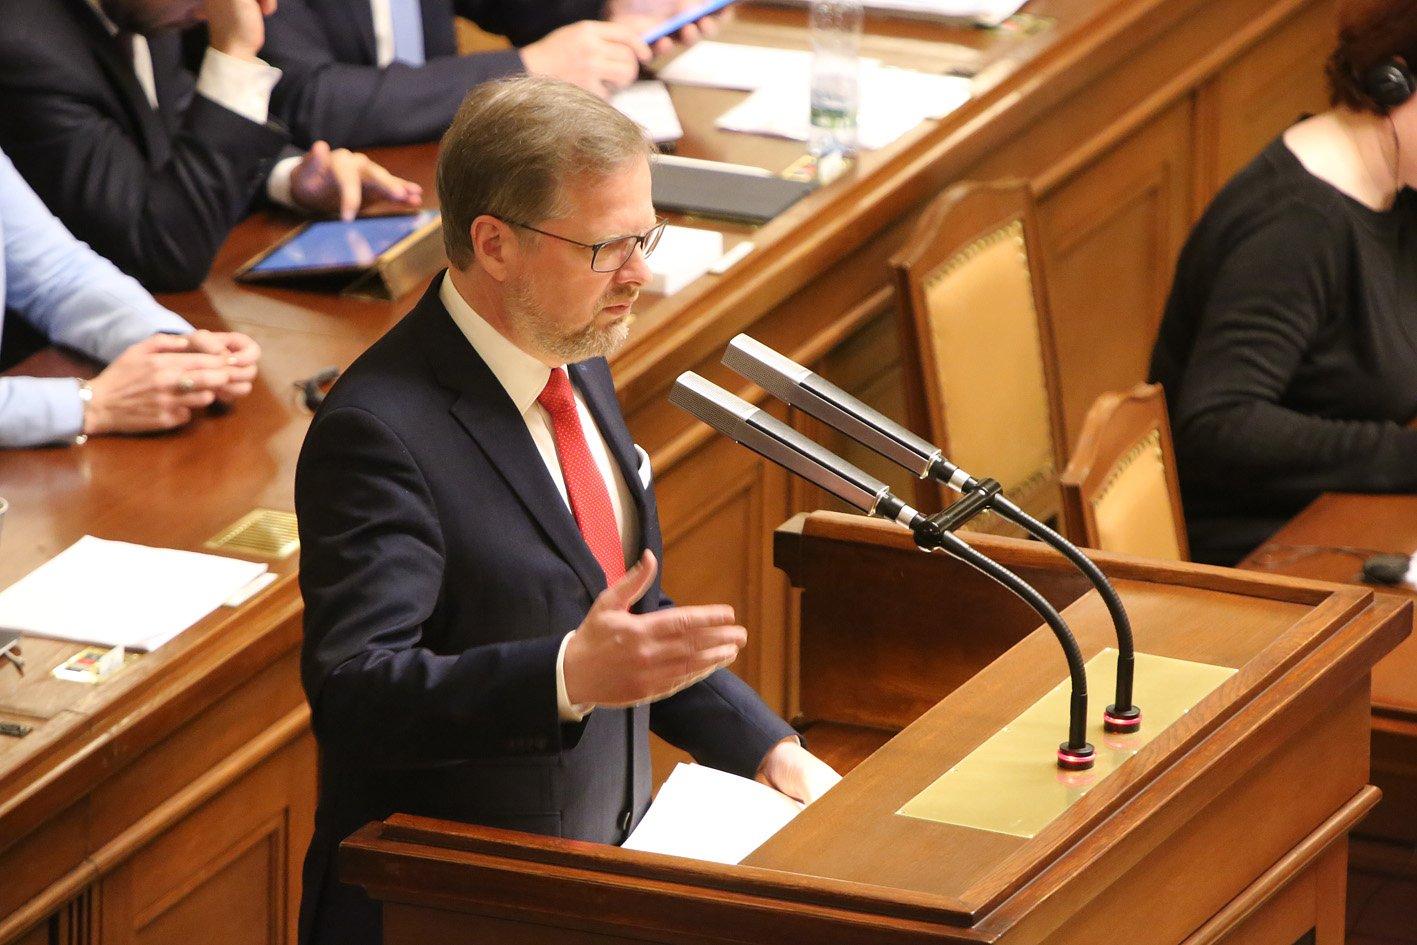 Petr Fiala: Vystoupení na schůzi Poslanecké sněmovny ke 100. výročí založení samostatného československého státu